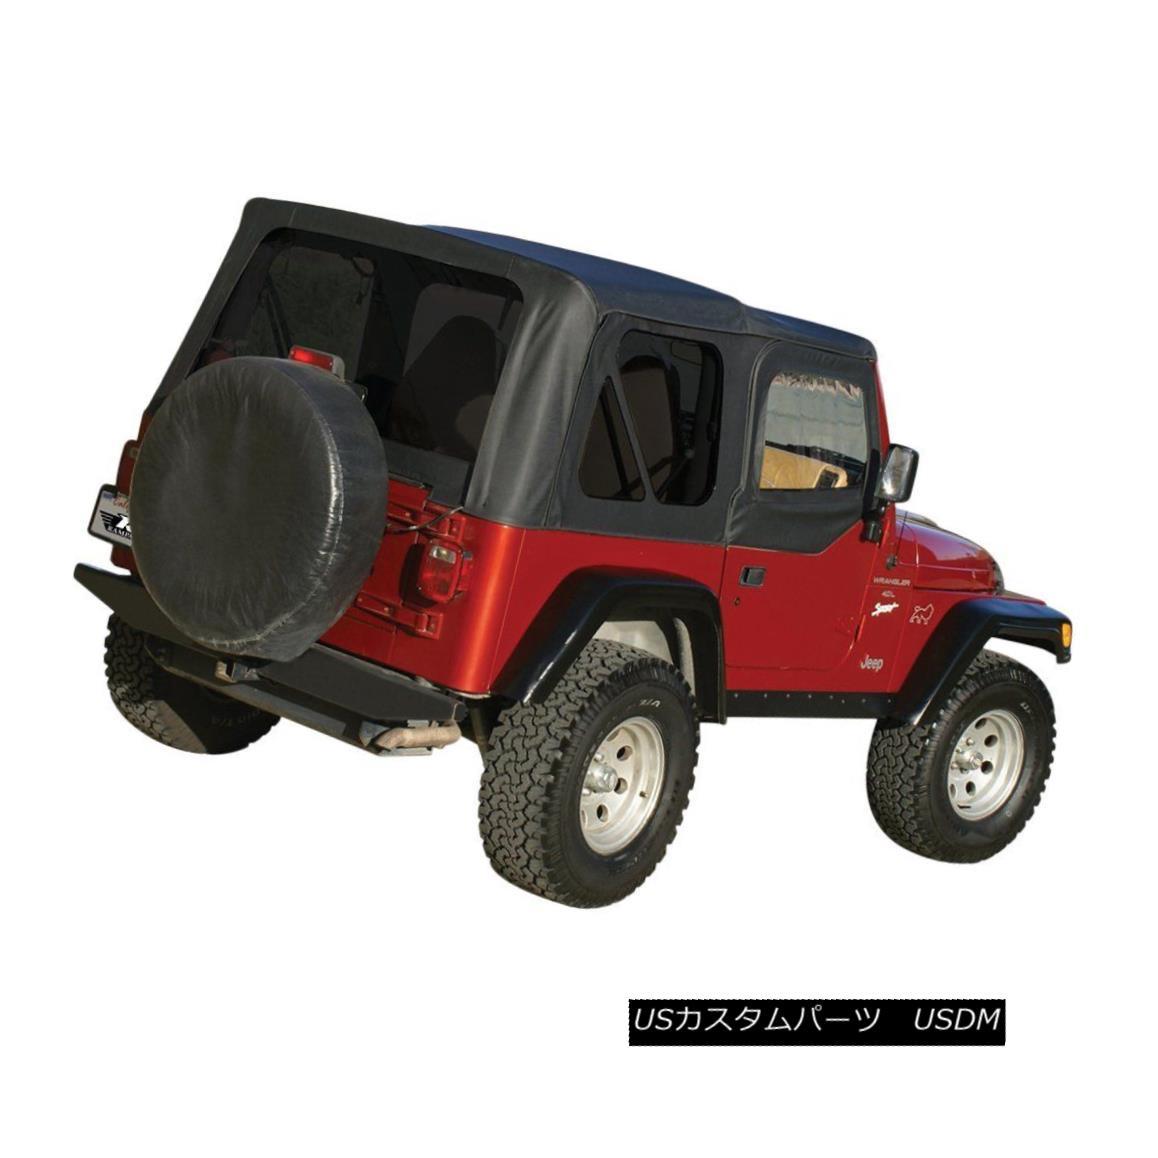 幌・ソフトトップ Rampage 99515 Soft Top For 97-2006 Jeep Wrangler (TJ) Rampage 99515 Soft Top for 97-2006ジープ・ラングラー(TJ)